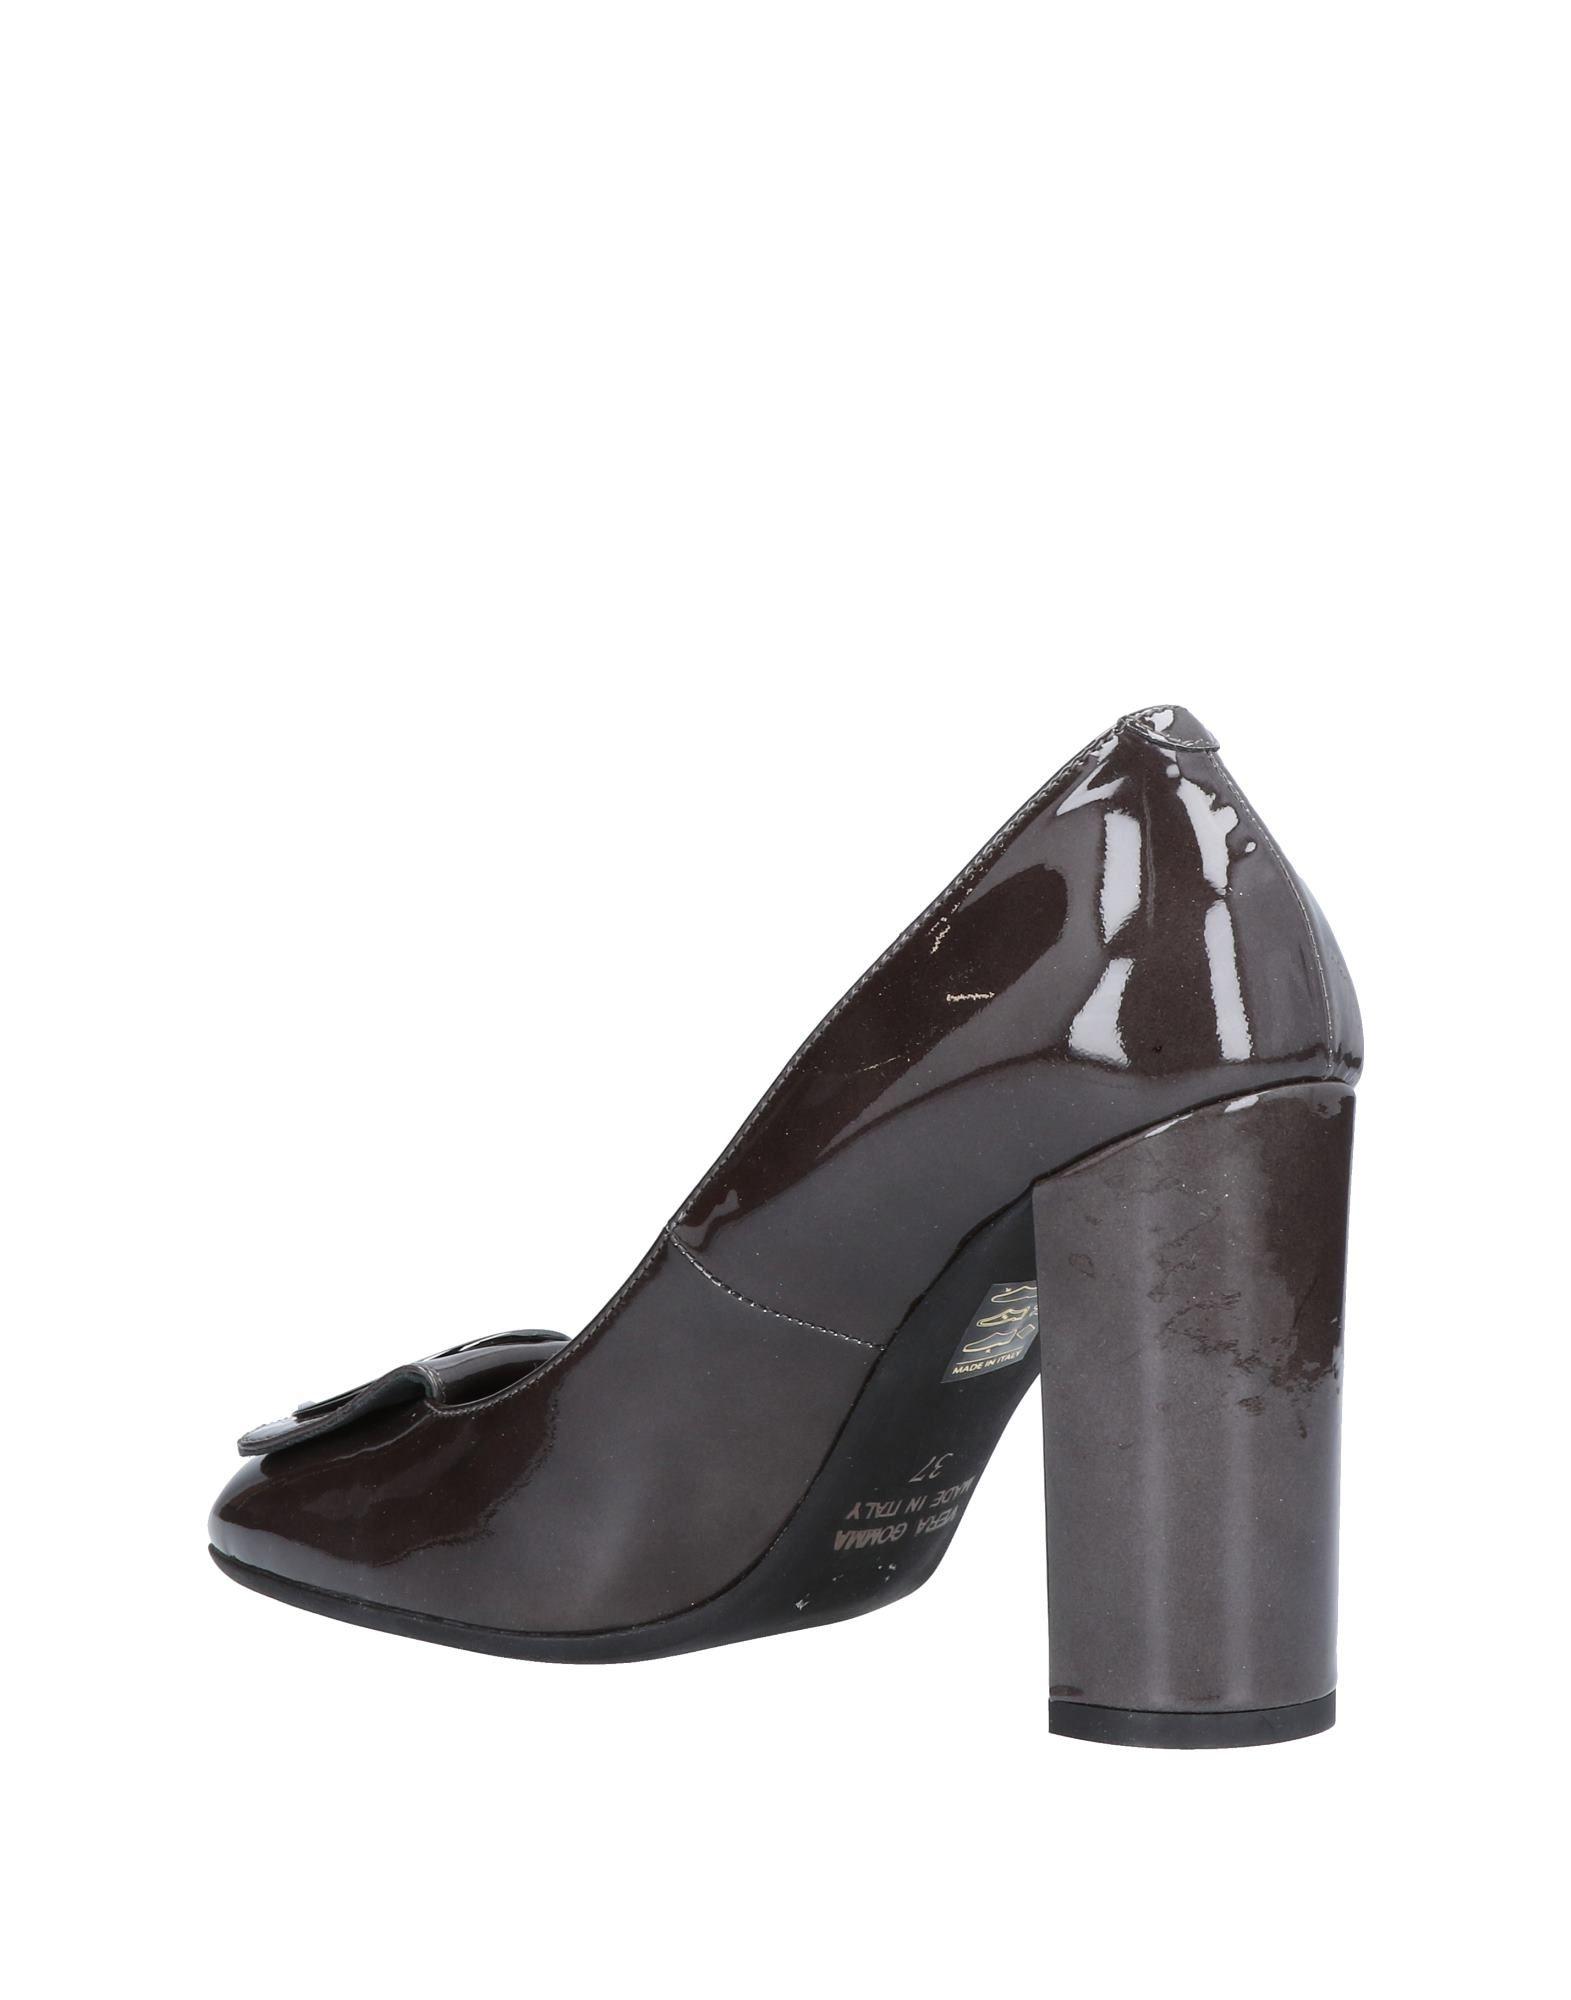 Cuoieria Pumps Damen   11483536HM Heiße Schuhe f9a0ee